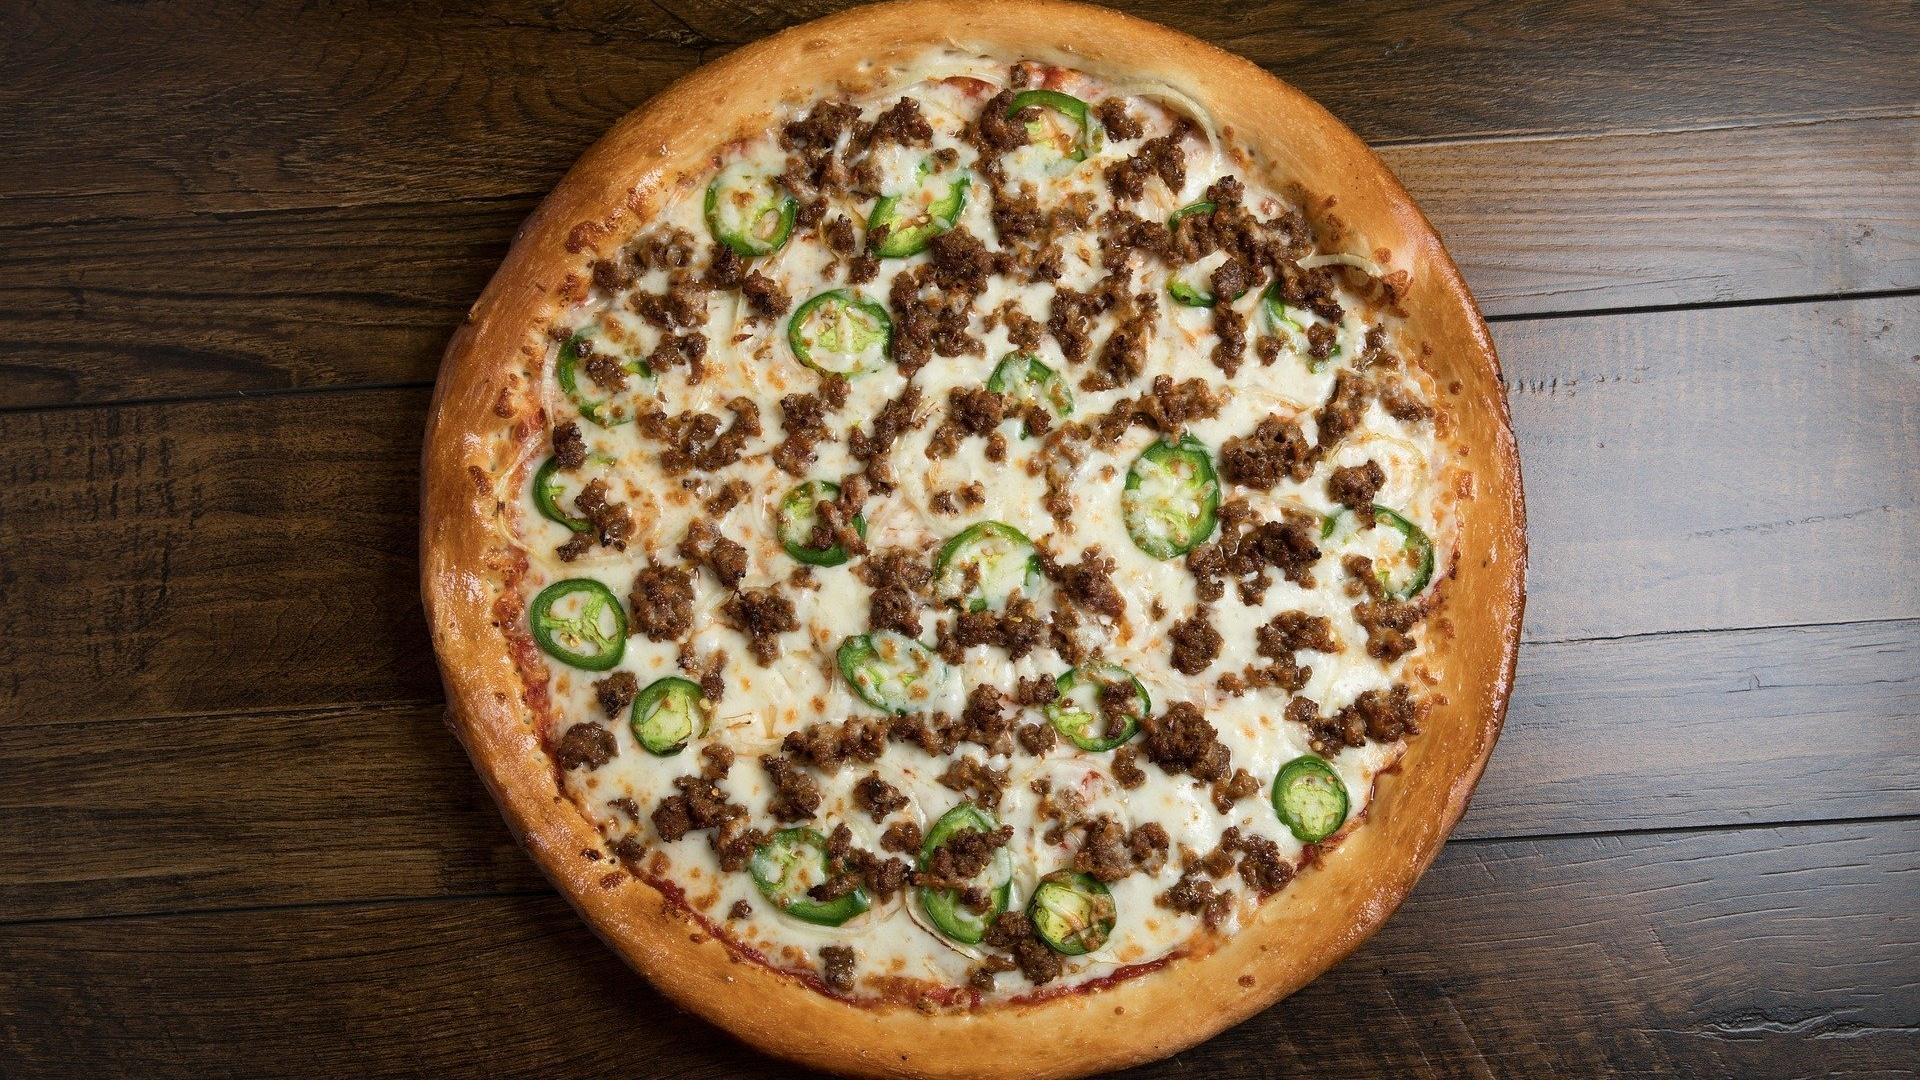 Pizza mit Hackfleisch und Zwiebel schnell selbst gemacht mit Fertigteig.